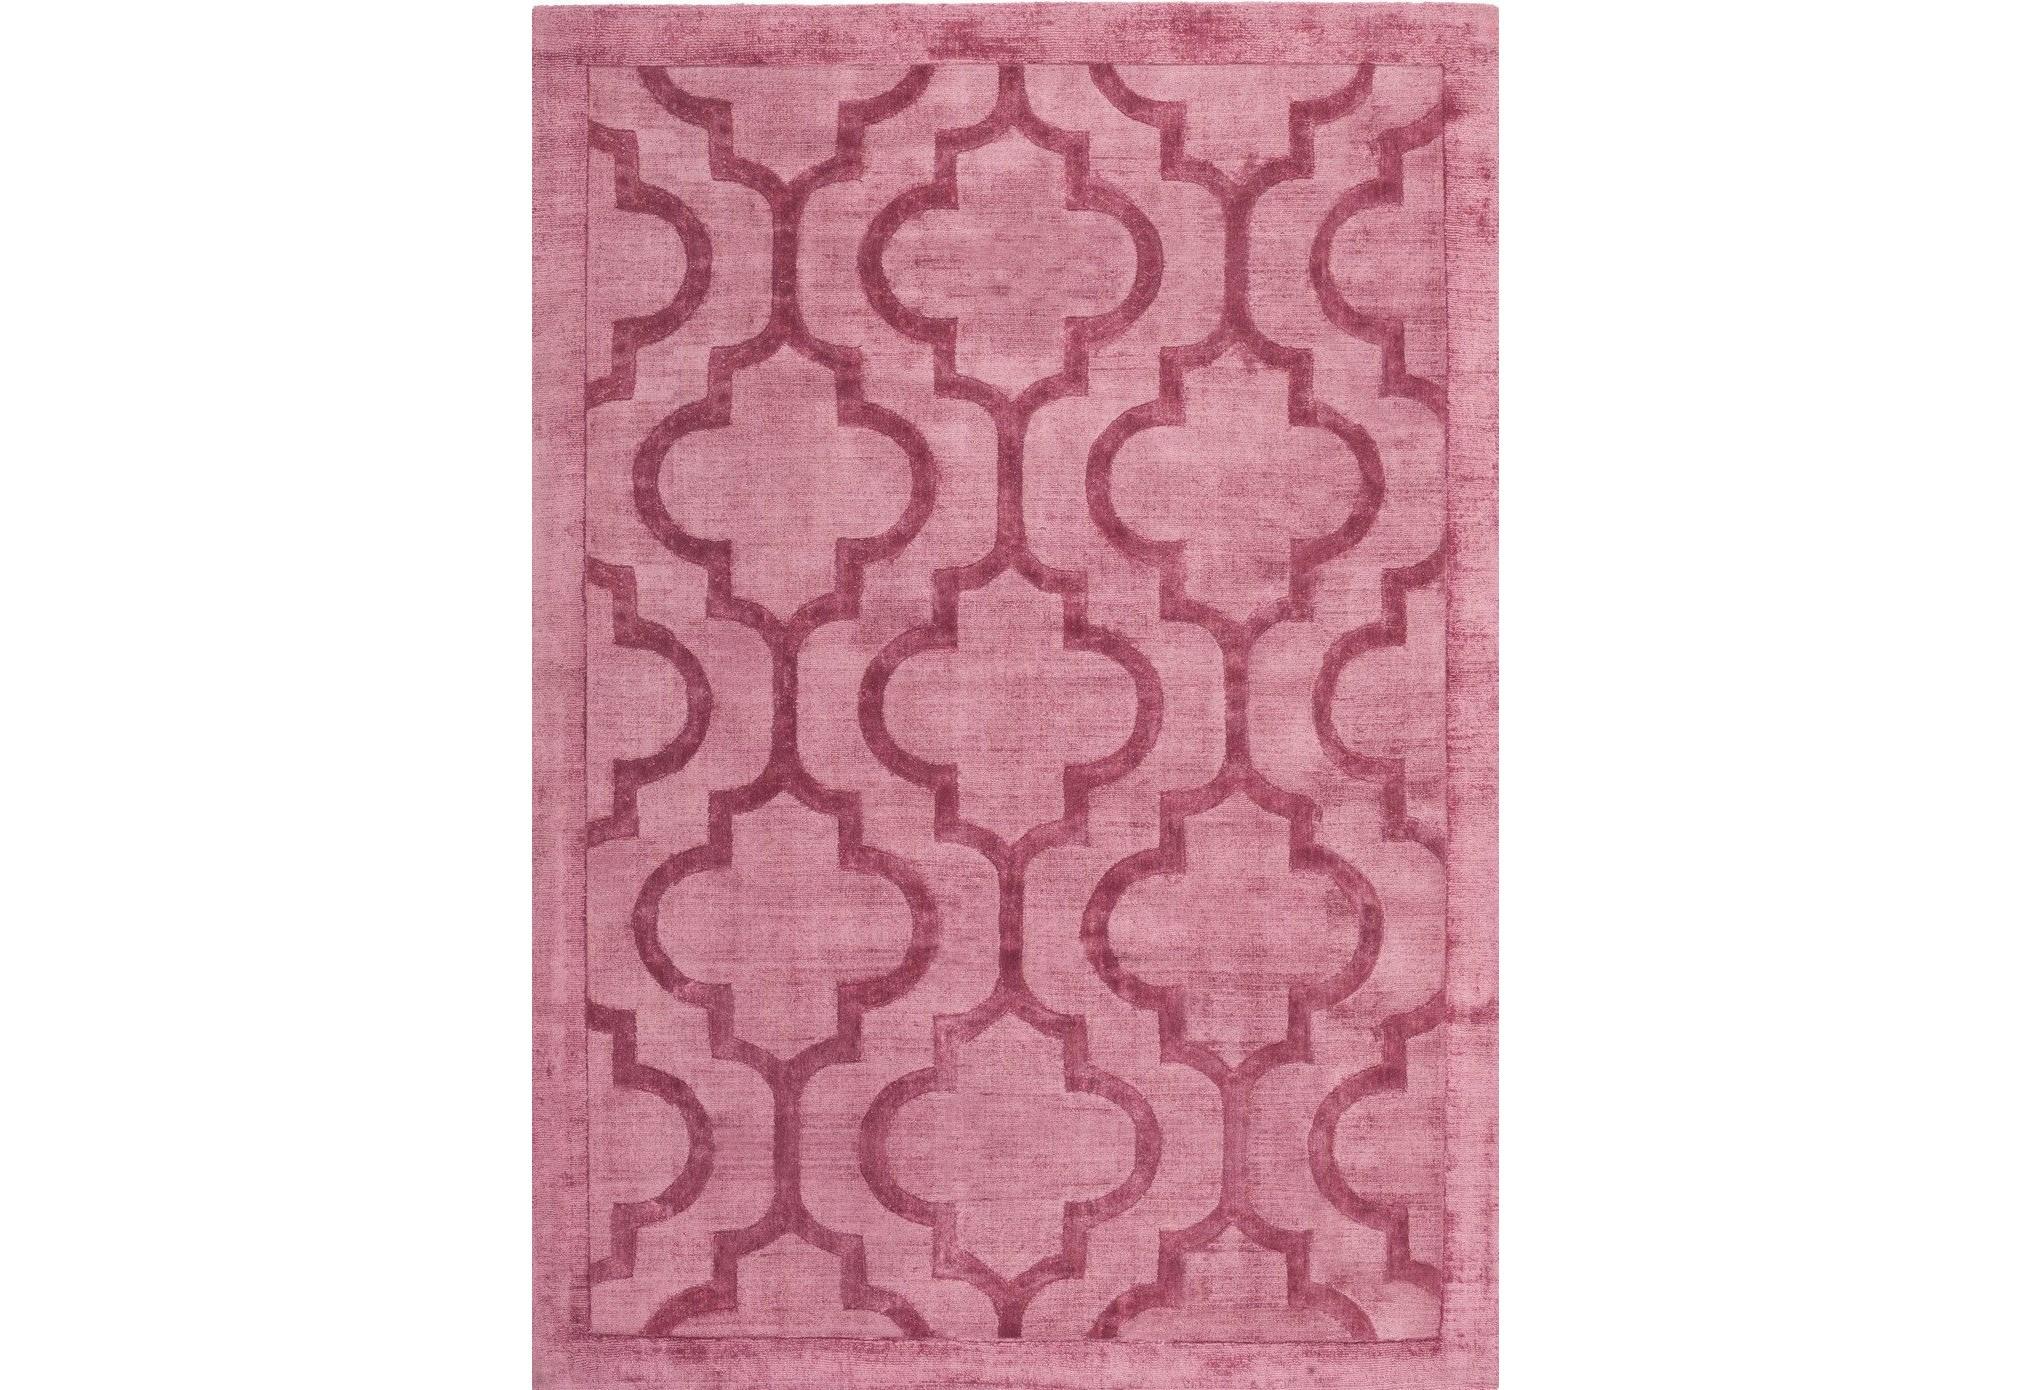 Ковер Eternity 120х170Прямоугольные ковры<br>Мягкие и шелковистые ковры ручной работы, очень красиво блестят и переливаются в зависимости от освещения в интерьере. При дневном освещении оттенок может быть бледнее, при искусственном более насыщенным.&amp;lt;div&amp;gt;&amp;lt;br&amp;gt;&amp;lt;/div&amp;gt;&amp;lt;div&amp;gt;Основа - хлопок.&amp;lt;/div&amp;gt;<br><br>Material: Шерсть<br>Ширина см: 120<br>Глубина см: 170